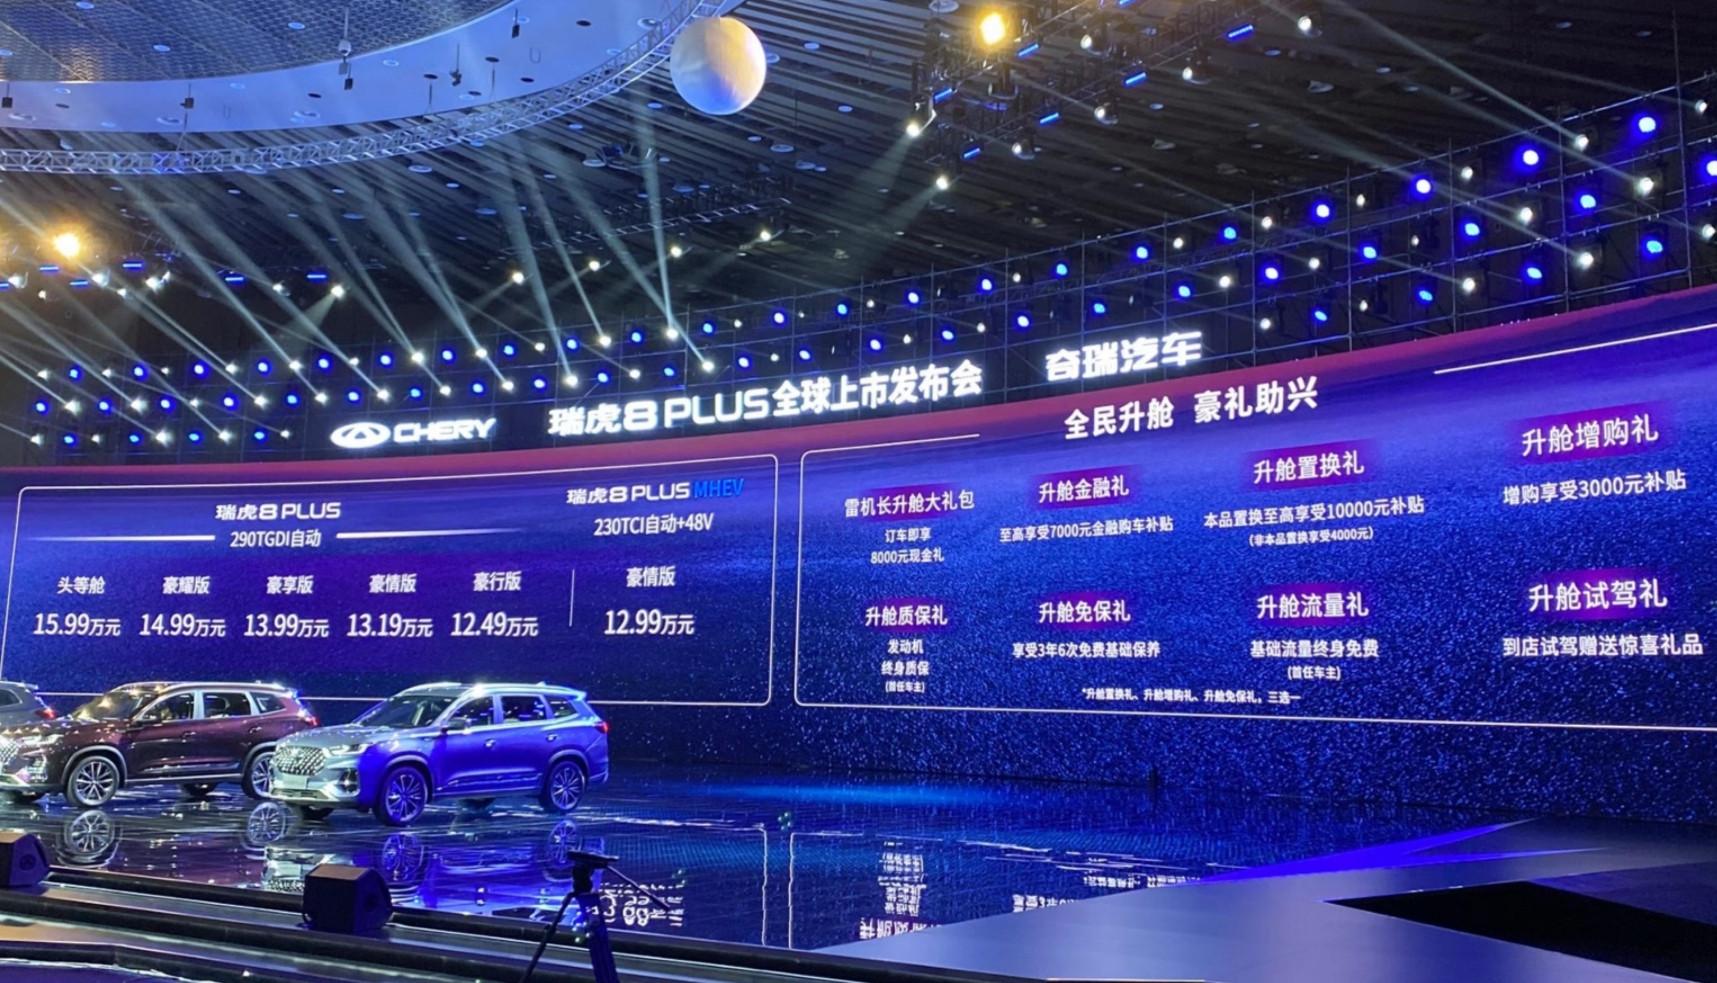 奇瑞瑞虎8 PLUS售12.49萬起, 搭1.6T發動機的五款車型選哪款最值?-圖2